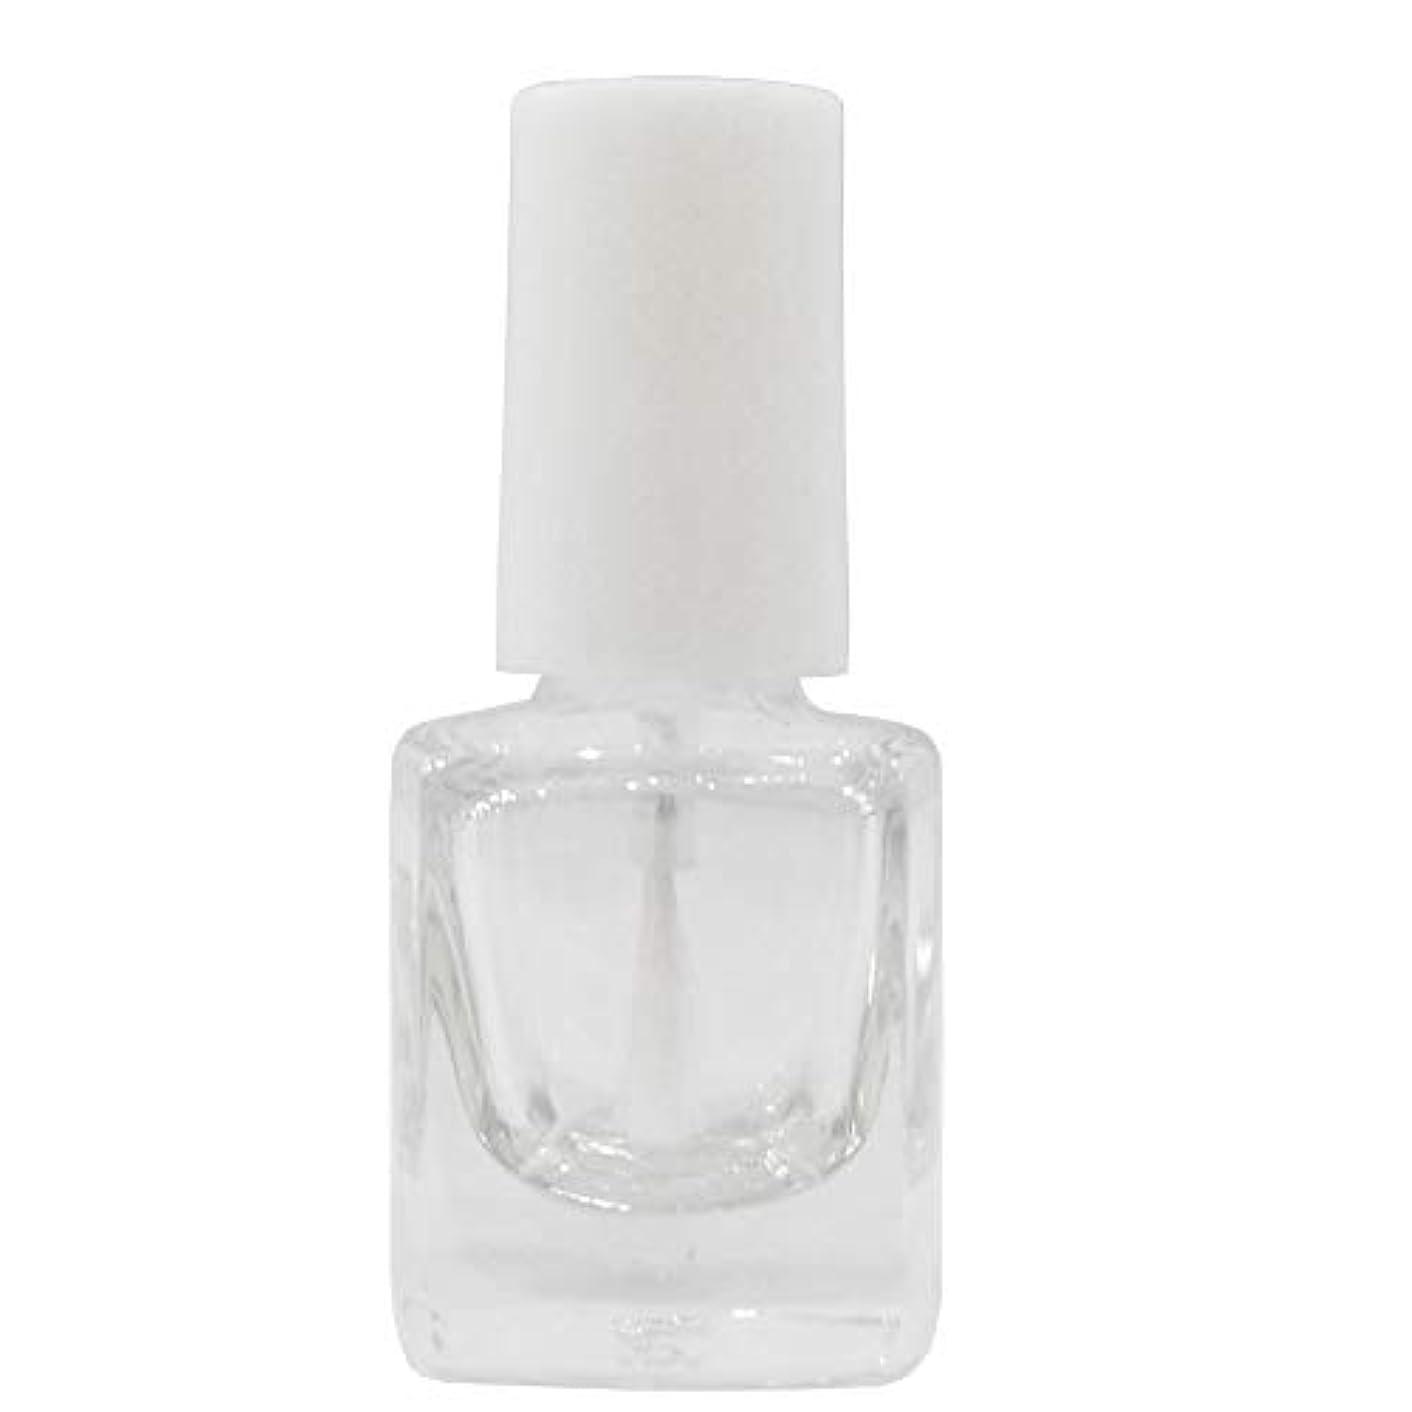 意味組立モジュールマニキュア空ボトル5ml用?甘皮オイルなどを小分けするのに便利なスペアボトル 人気の白い刷毛